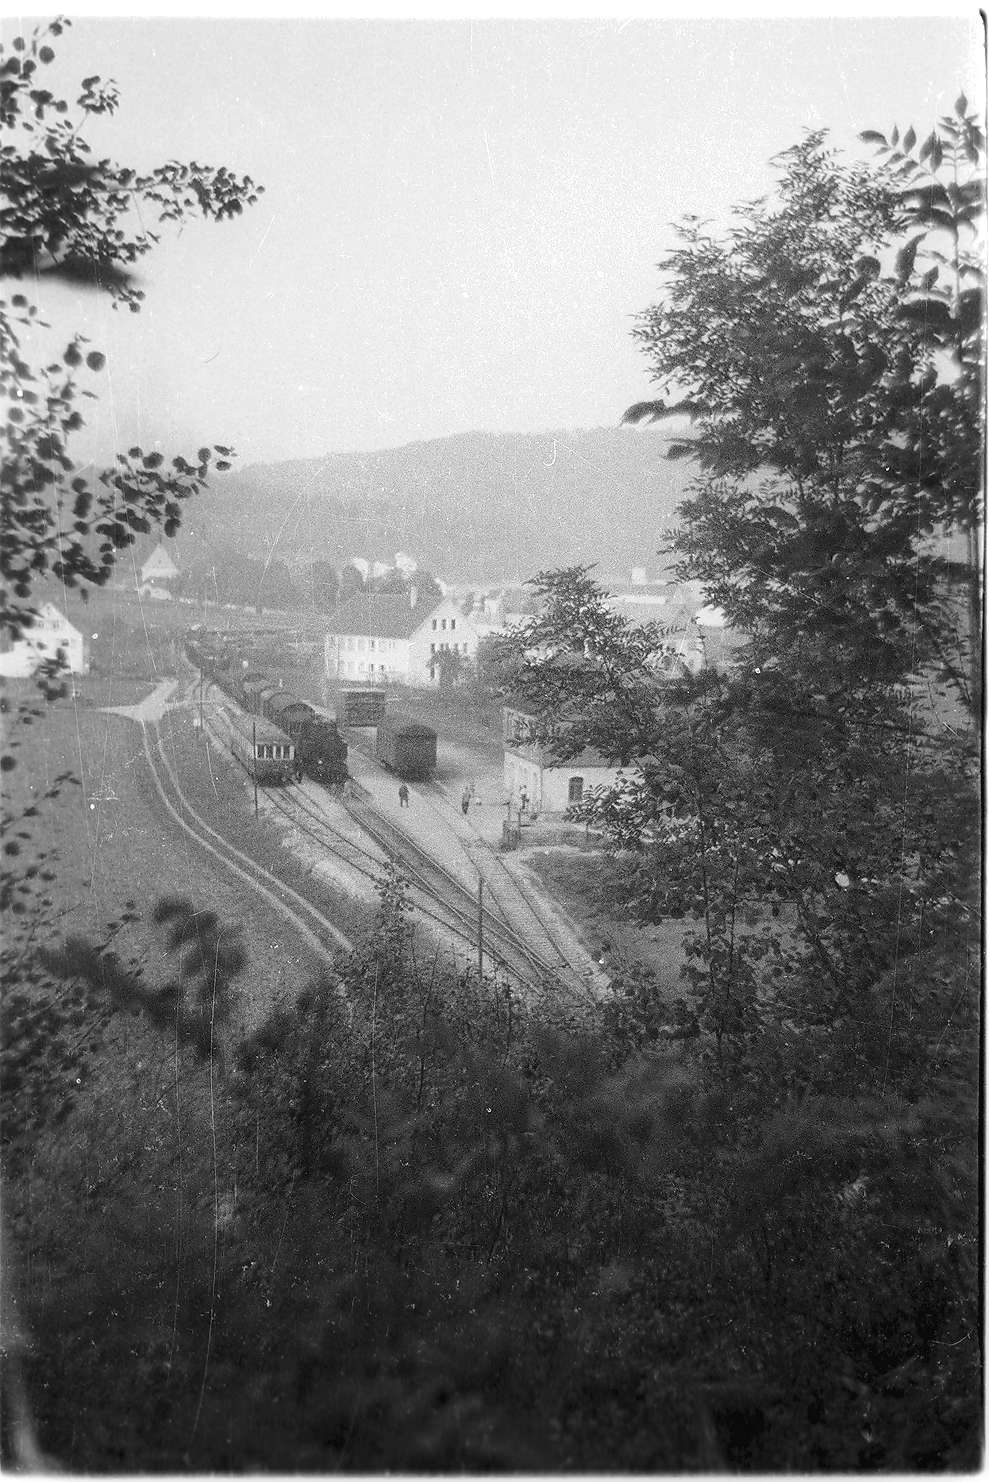 Veringenstadt, Triebwagen VT 3 (1936 - 1968), Bild 1